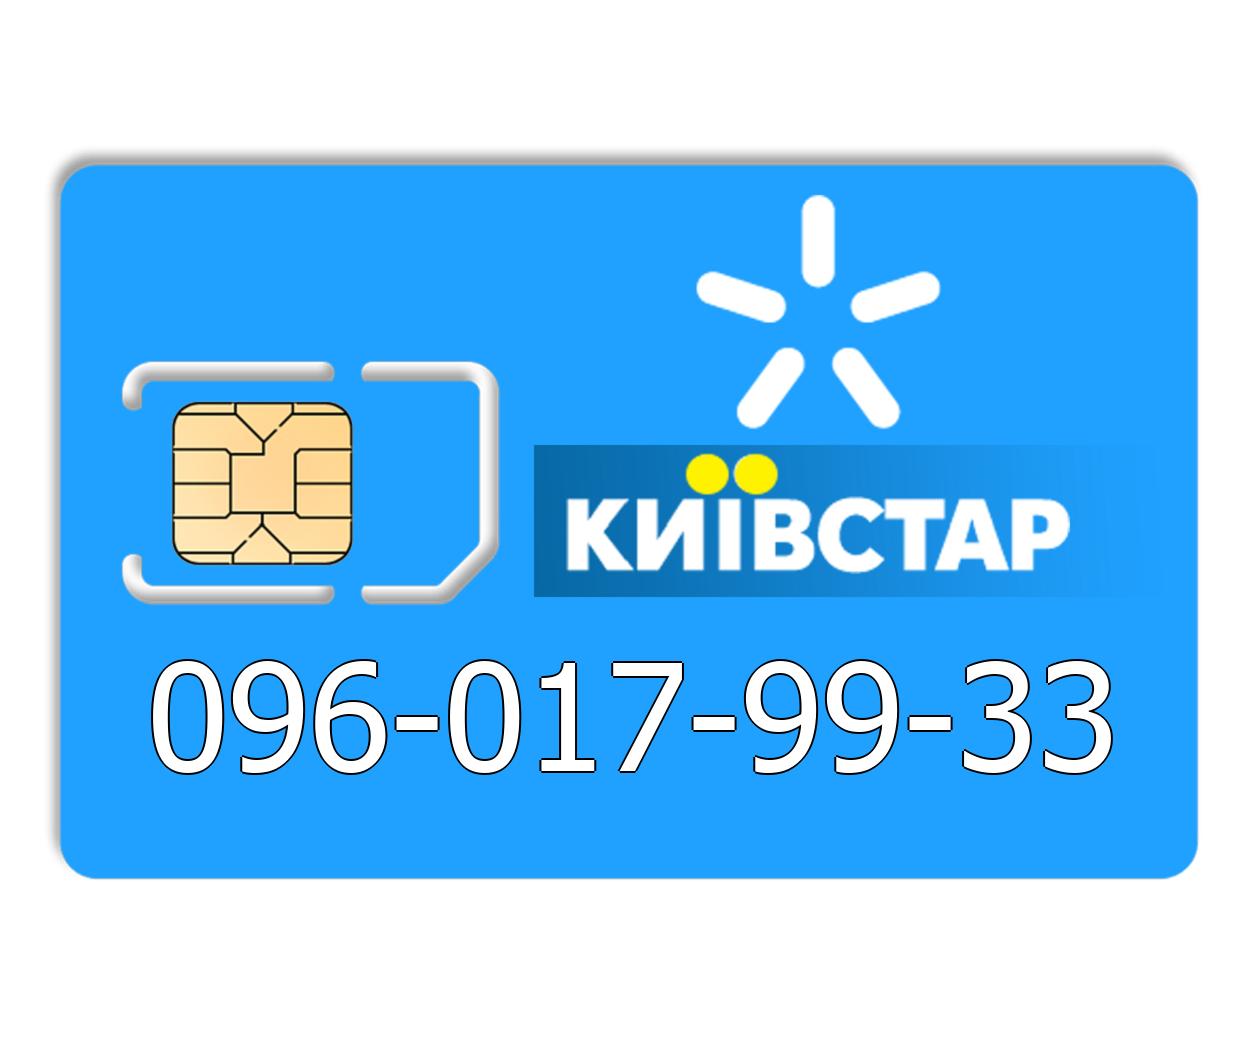 Красивый номер Киевстар 096-017-99-33